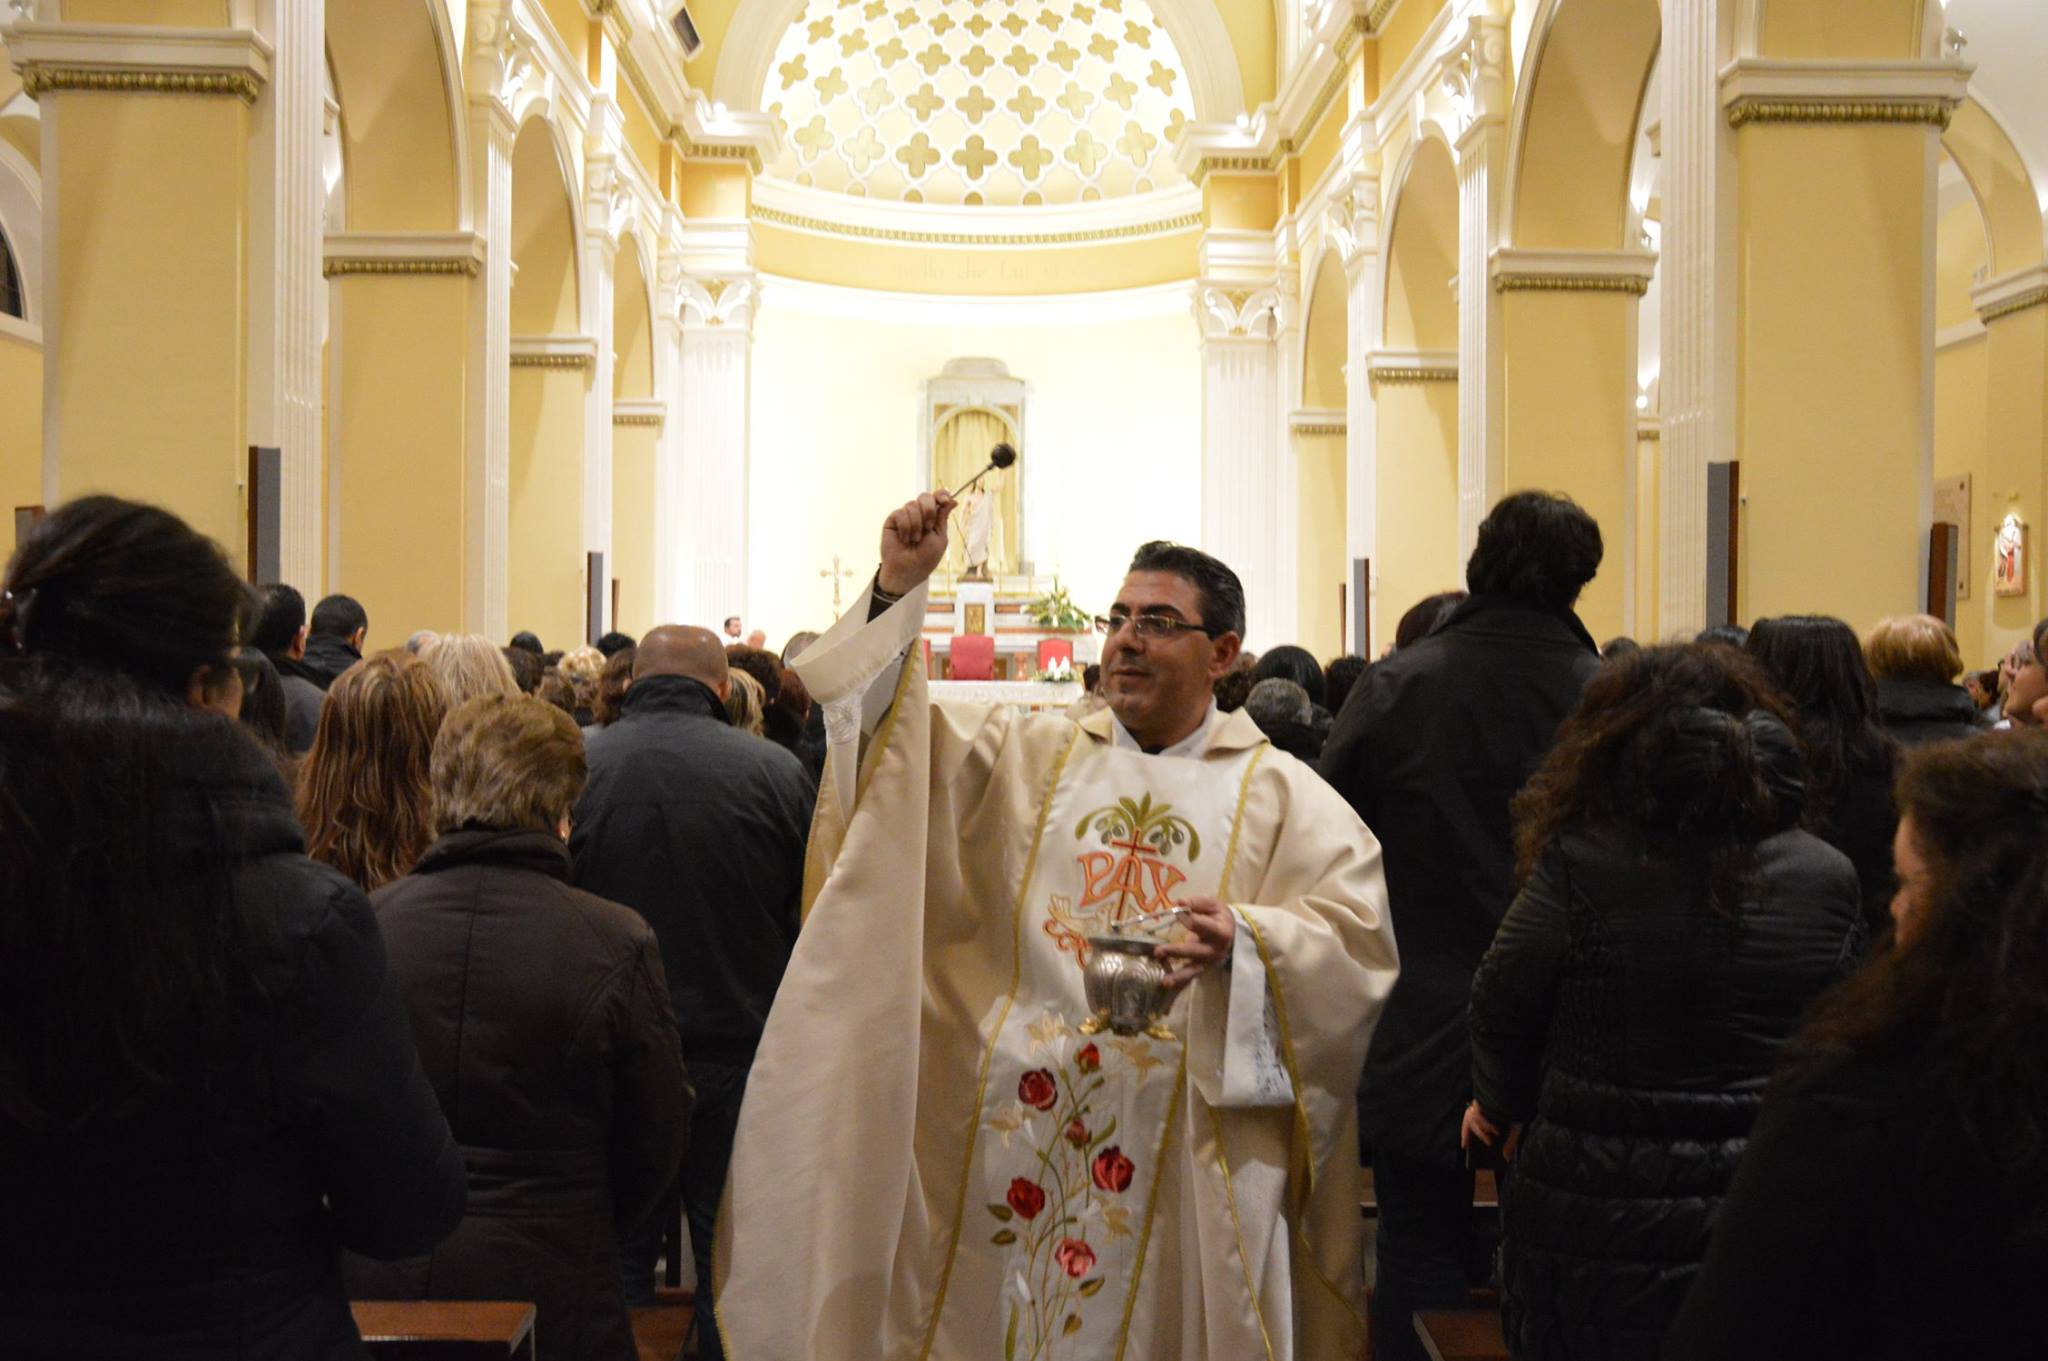 Chiesa, cambio alla guida del Santuario di PolsiLascia don Pino, indagato per 'ndrangheta